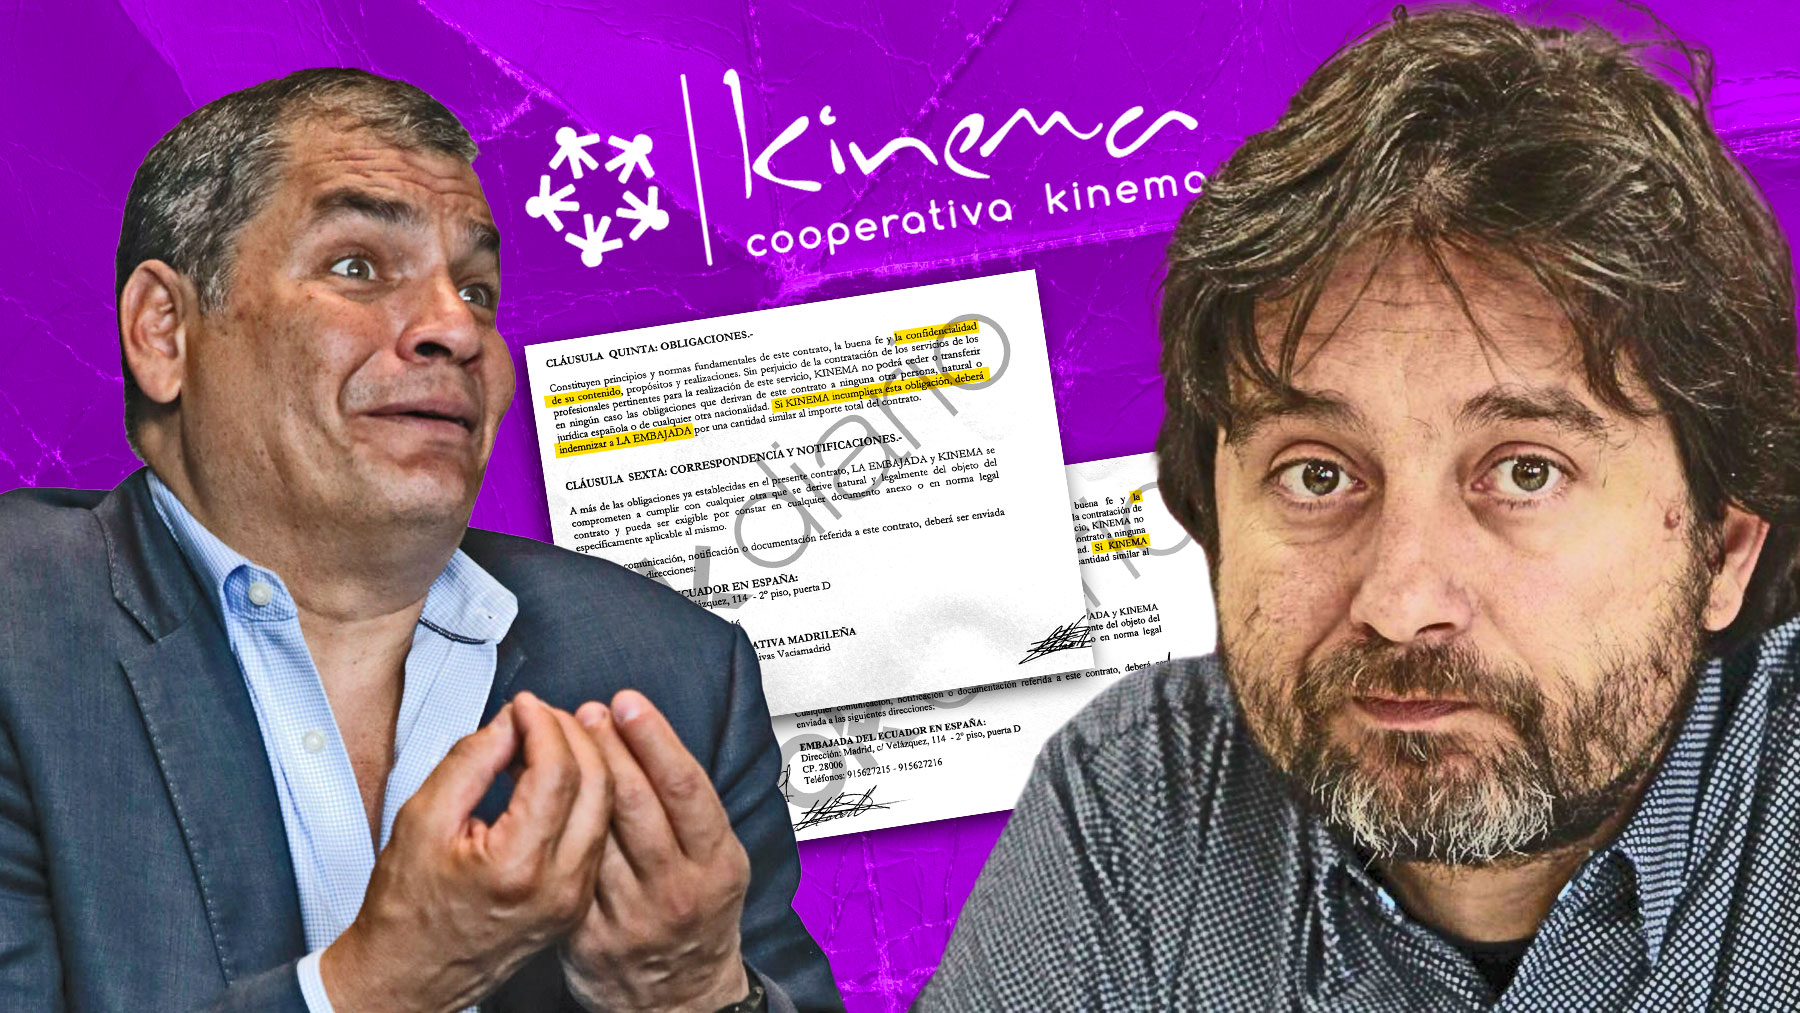 Rafael Correa y Rafael Mayoral, fundador de Kinema, la cooperativa de Podemos.